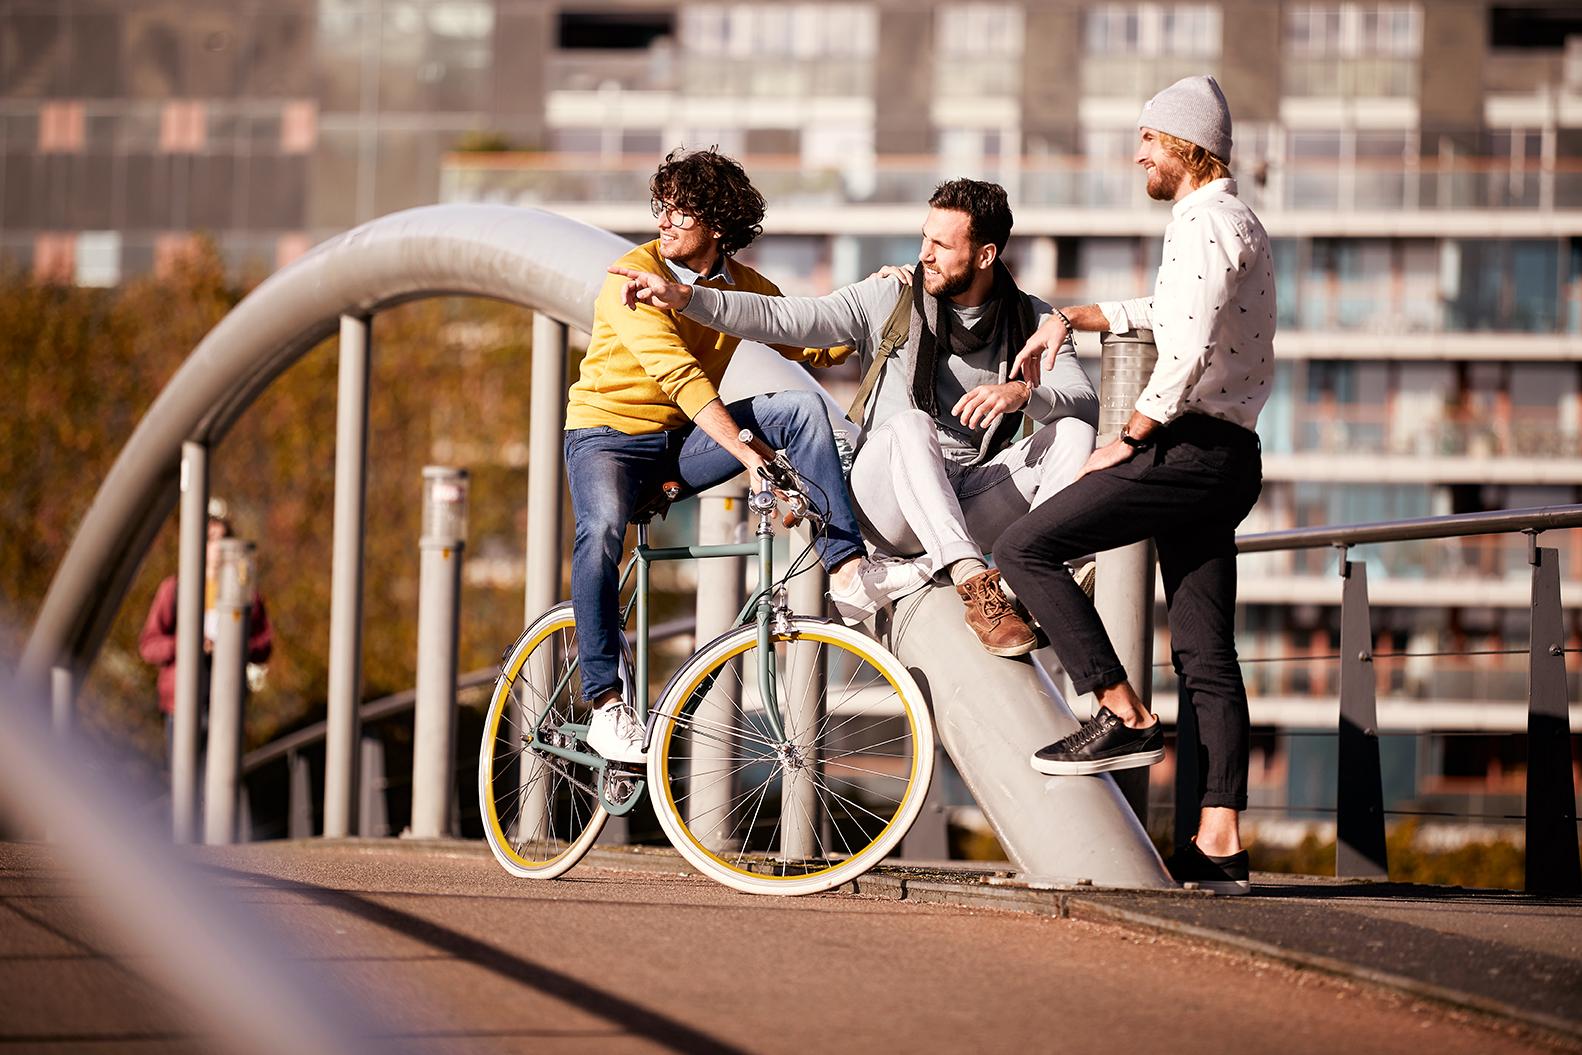 Gazelles bycykler er letkørende, komfortable og udstyret med alt, hvad du forventer af en kvalitetscykel.